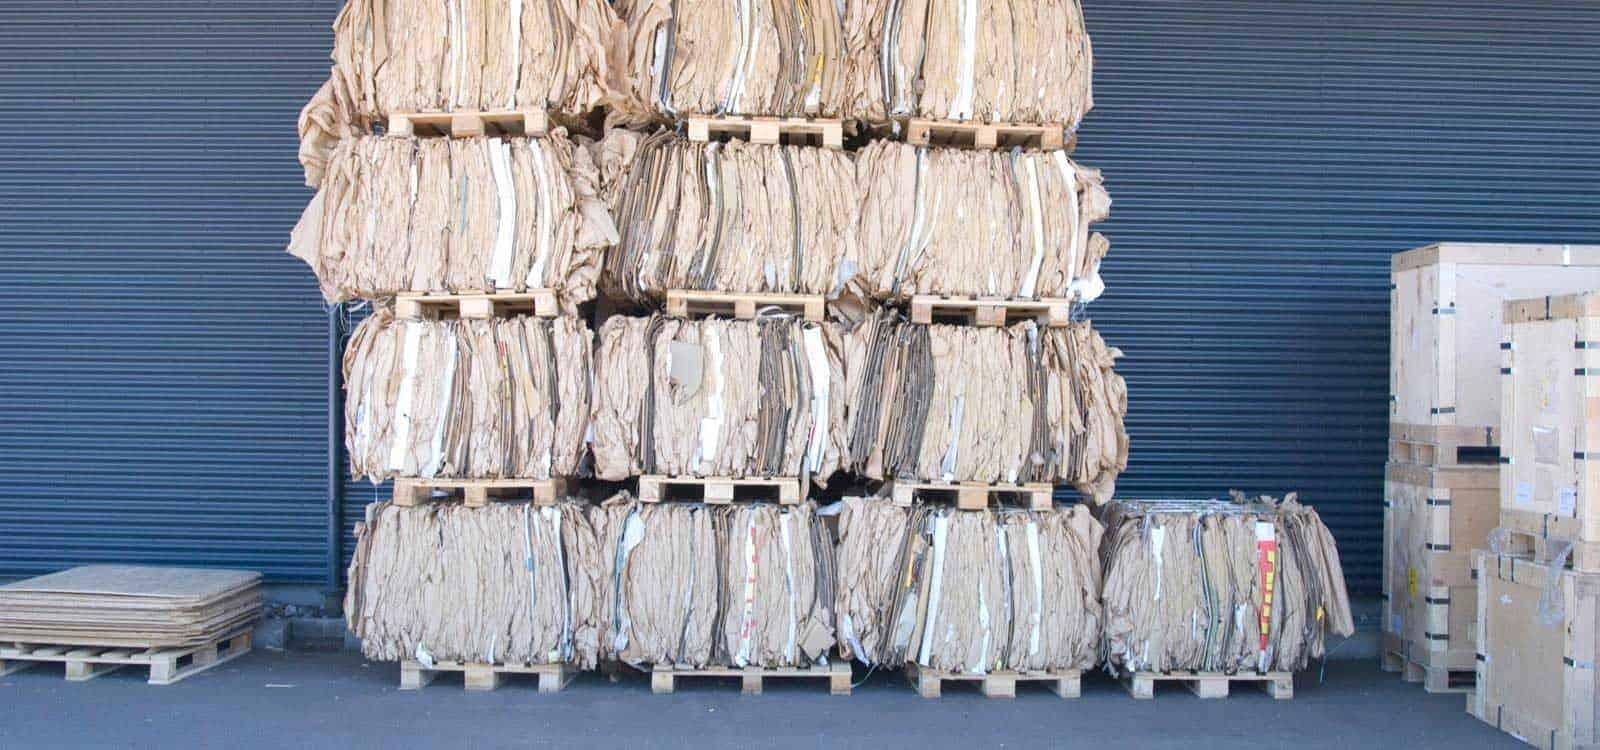 cardboard-bale-weight-size-header